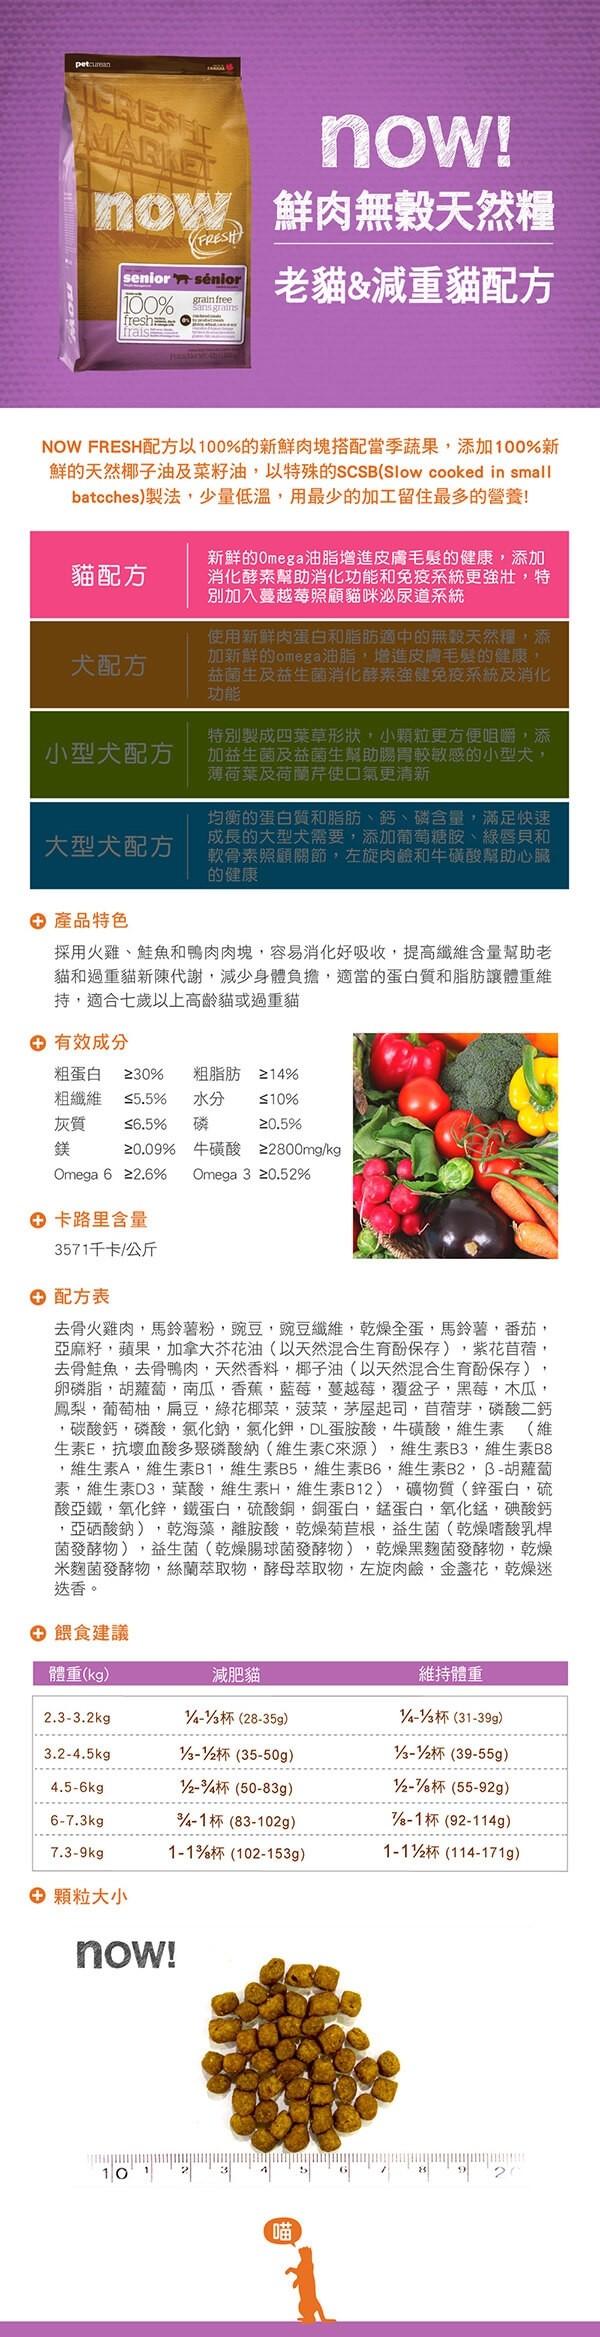 815260003643 Now(貓)鮮肉無穀老貓配方4lb圖片來源:東購